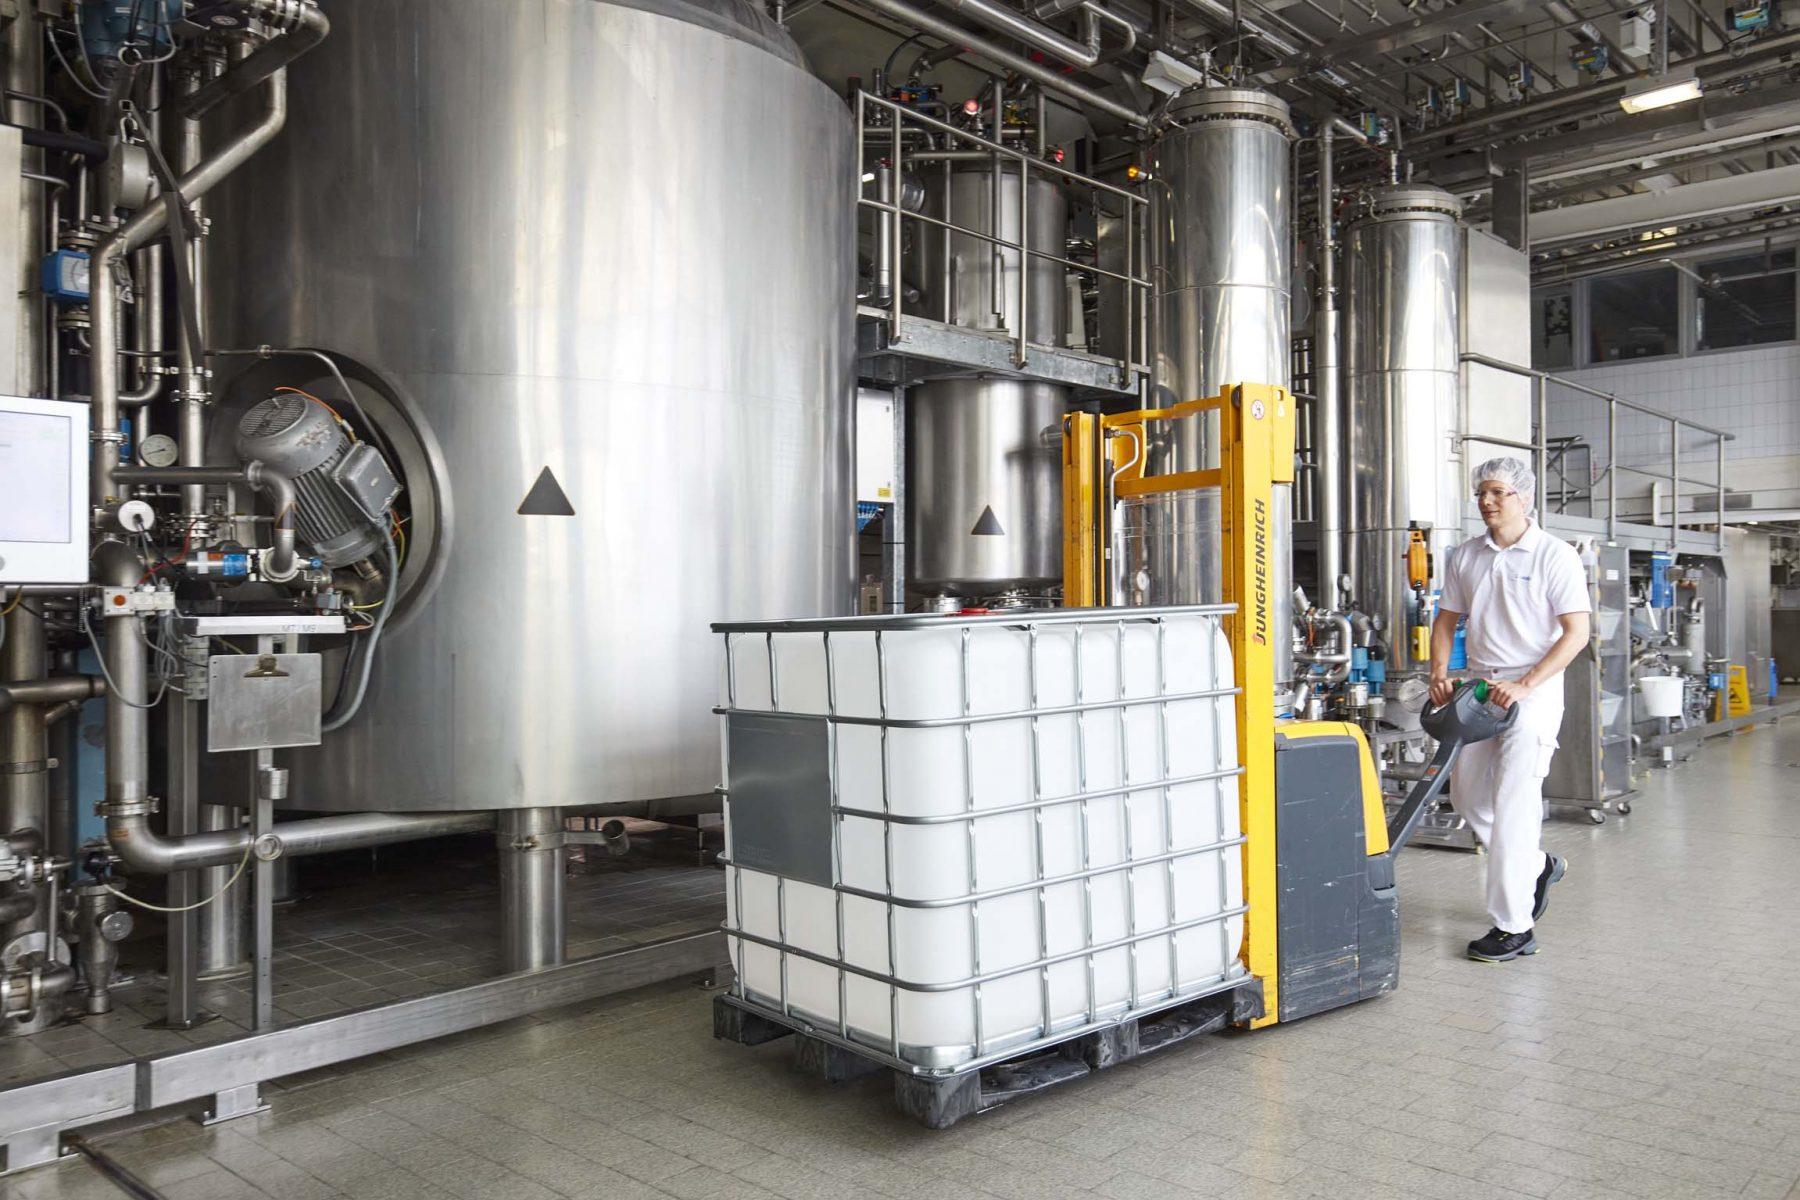 Teamleiter Johannes Engert bei der Herstellung der Emulsion. Foto: Beiersdorf